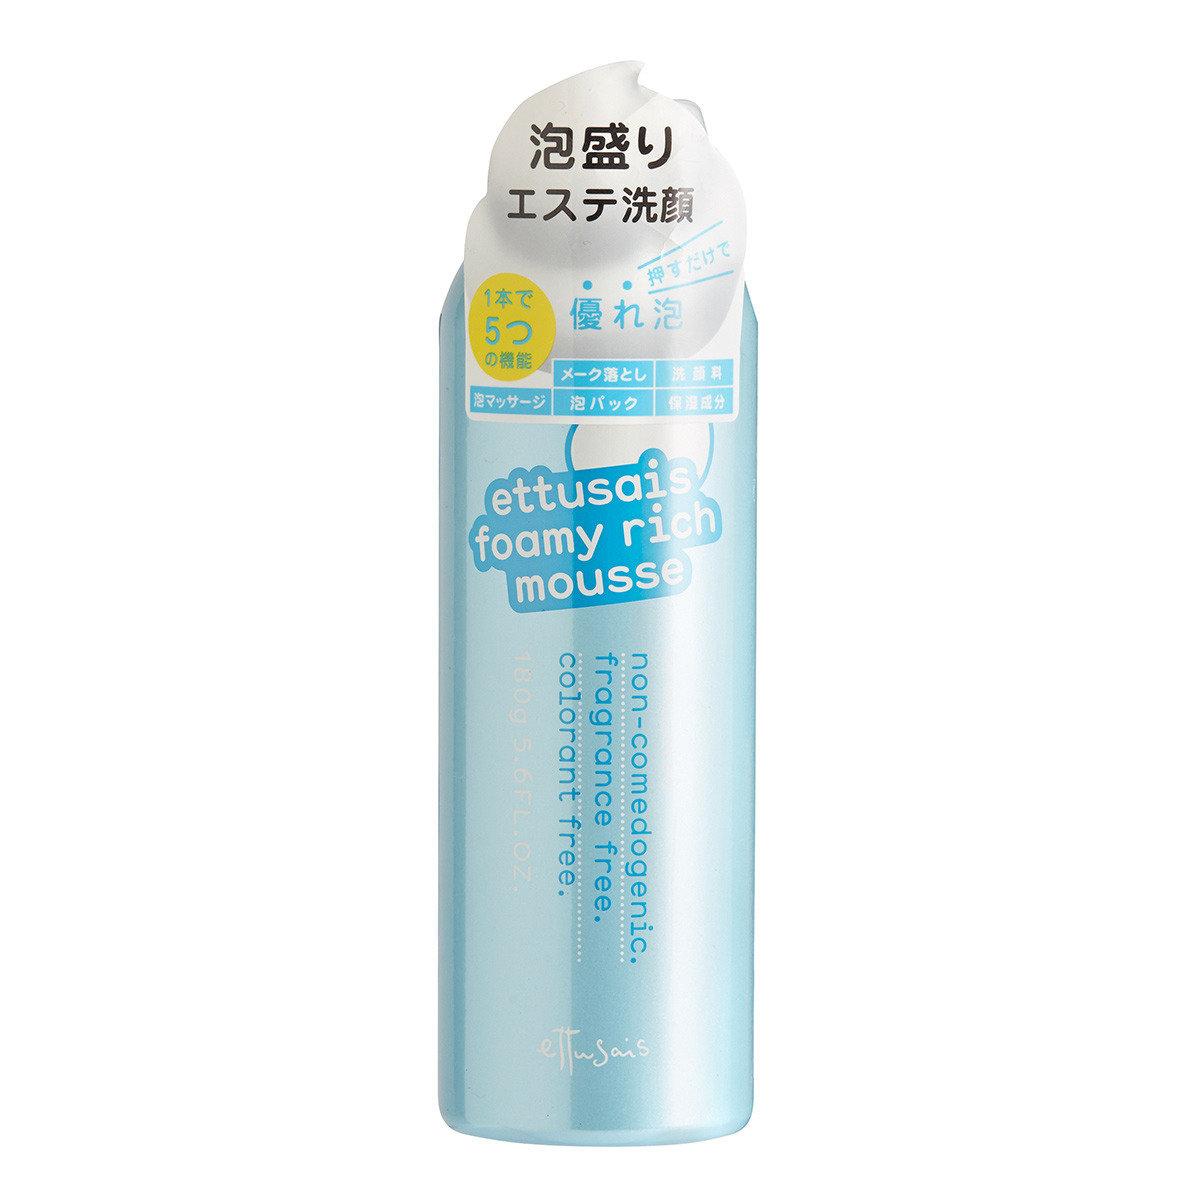 5合1洗顏面膜泡泡